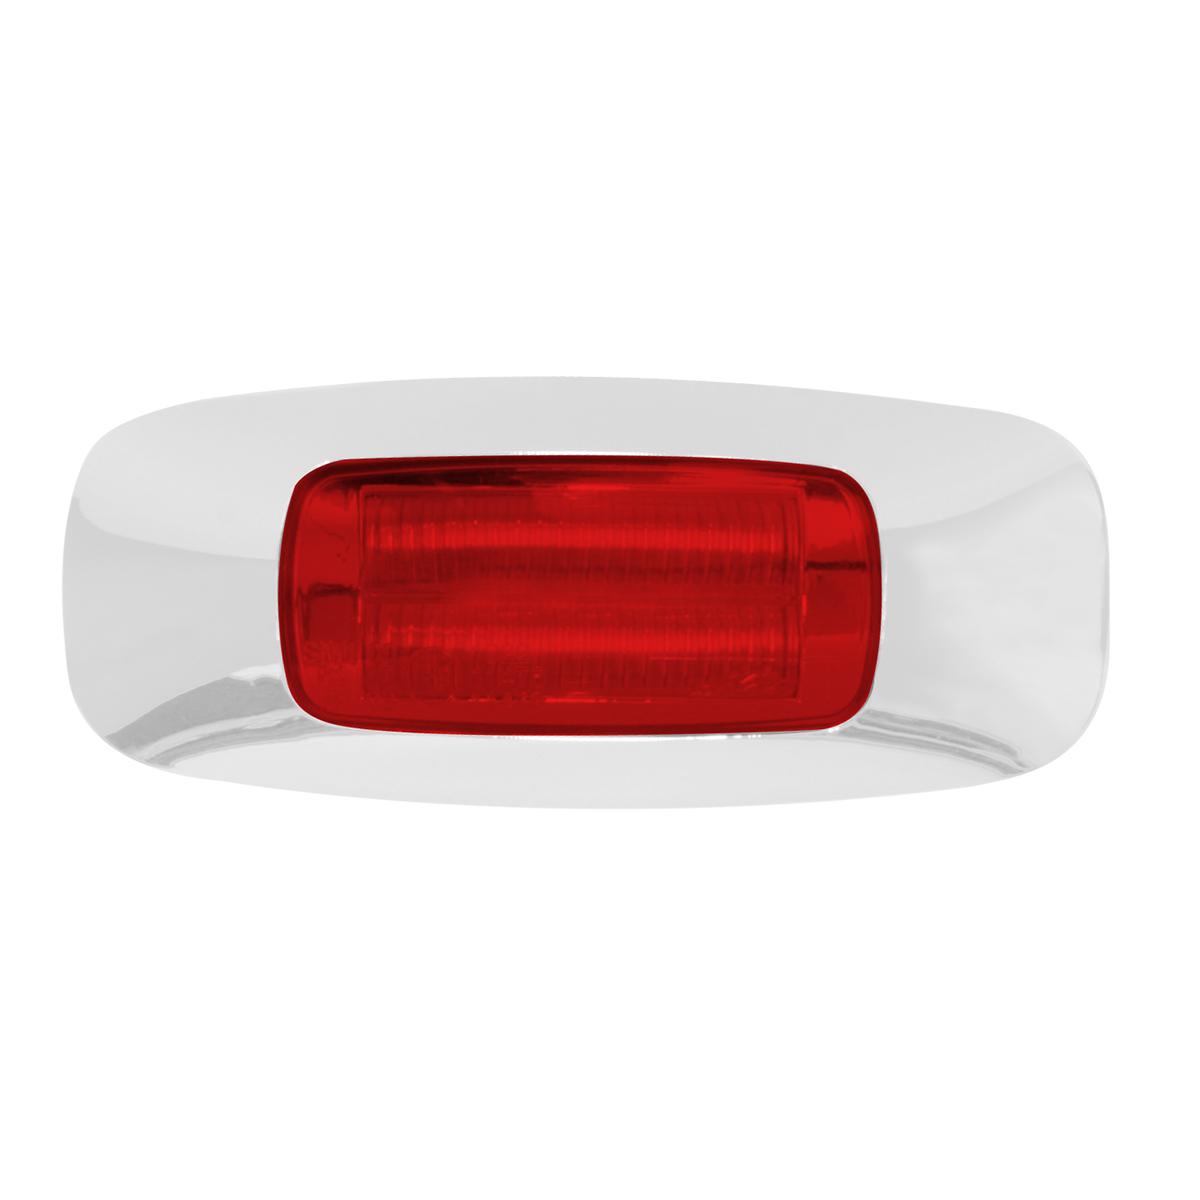 """74822 3.5"""" Rectangular Prime LED Marker Light in Red/Red"""